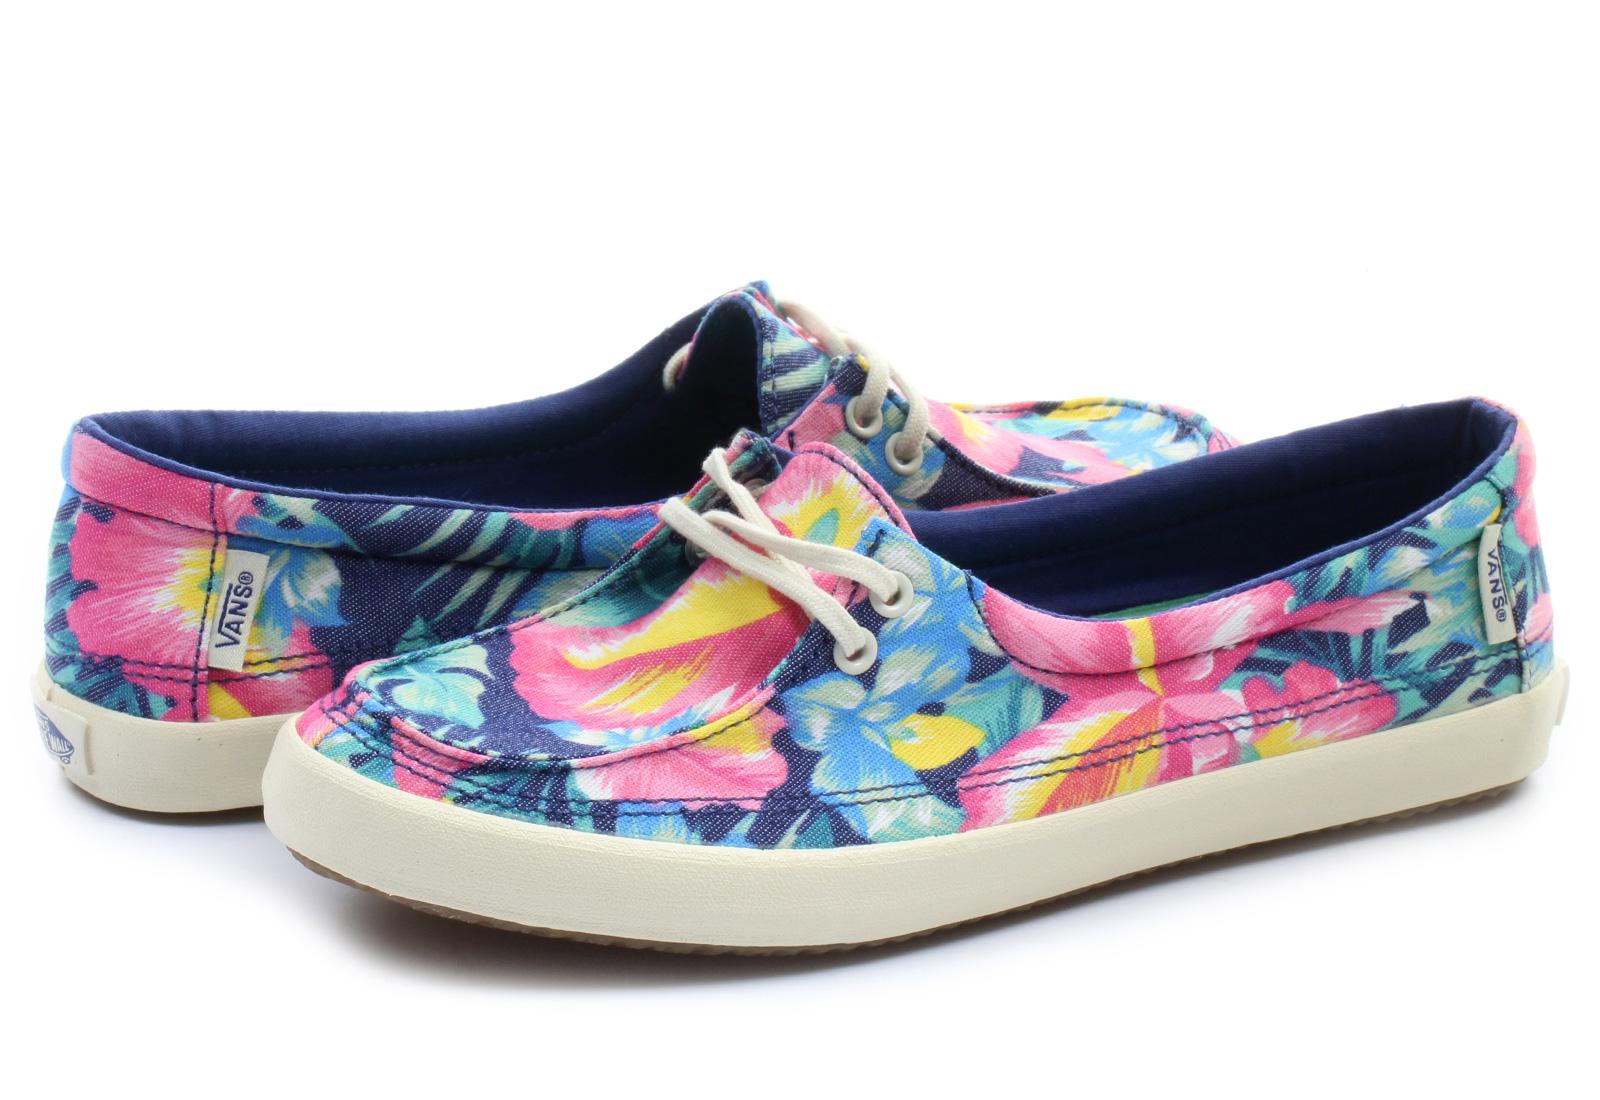 vans shoes rata lo vzuyfo7 online shop for sneakers. Black Bedroom Furniture Sets. Home Design Ideas